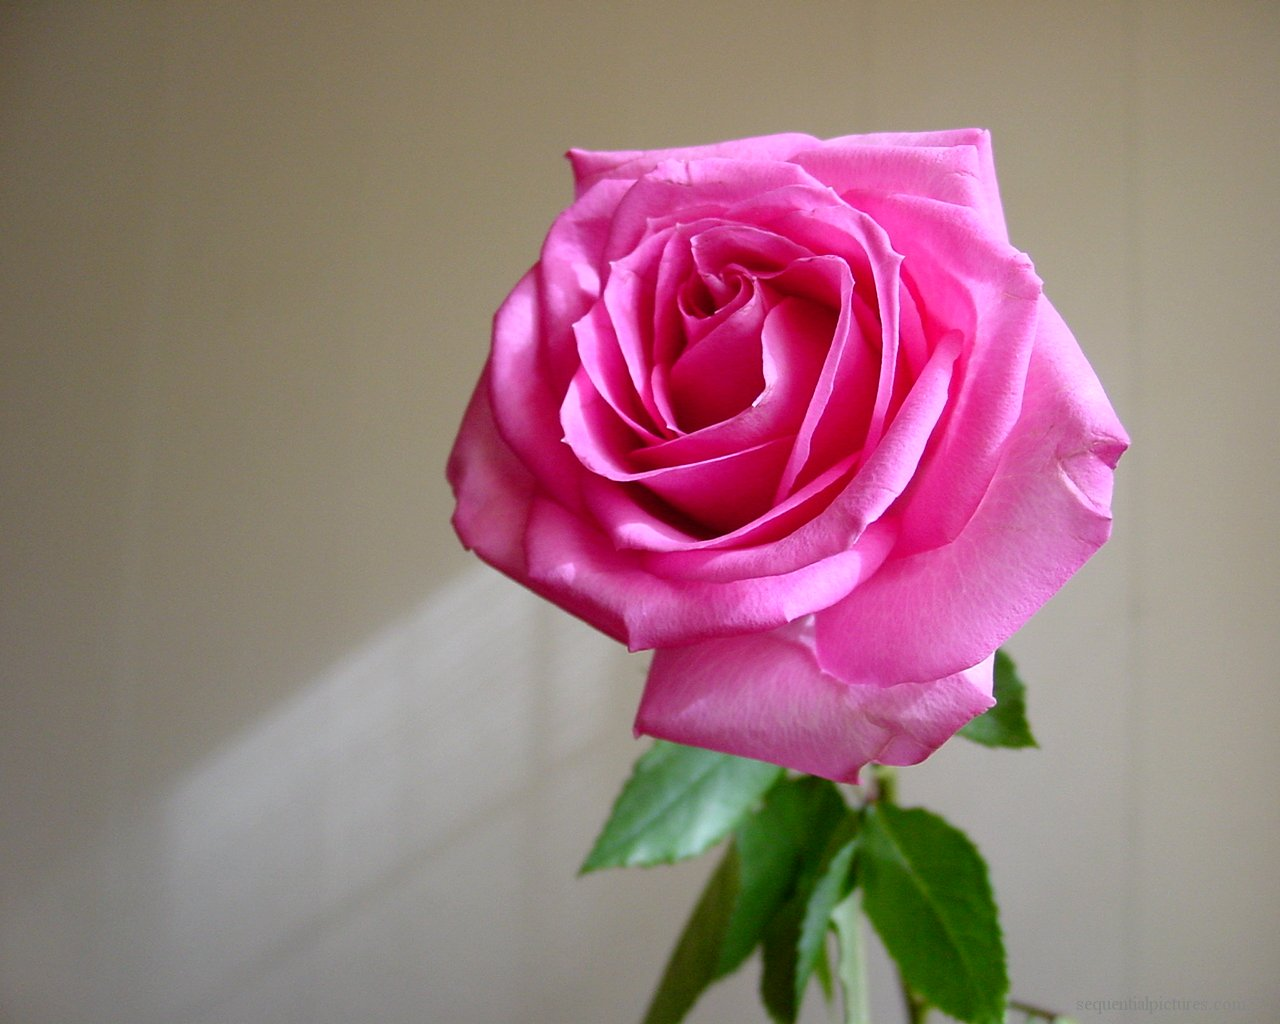 بالصور احلى الورود بالعالم 20160703 1506